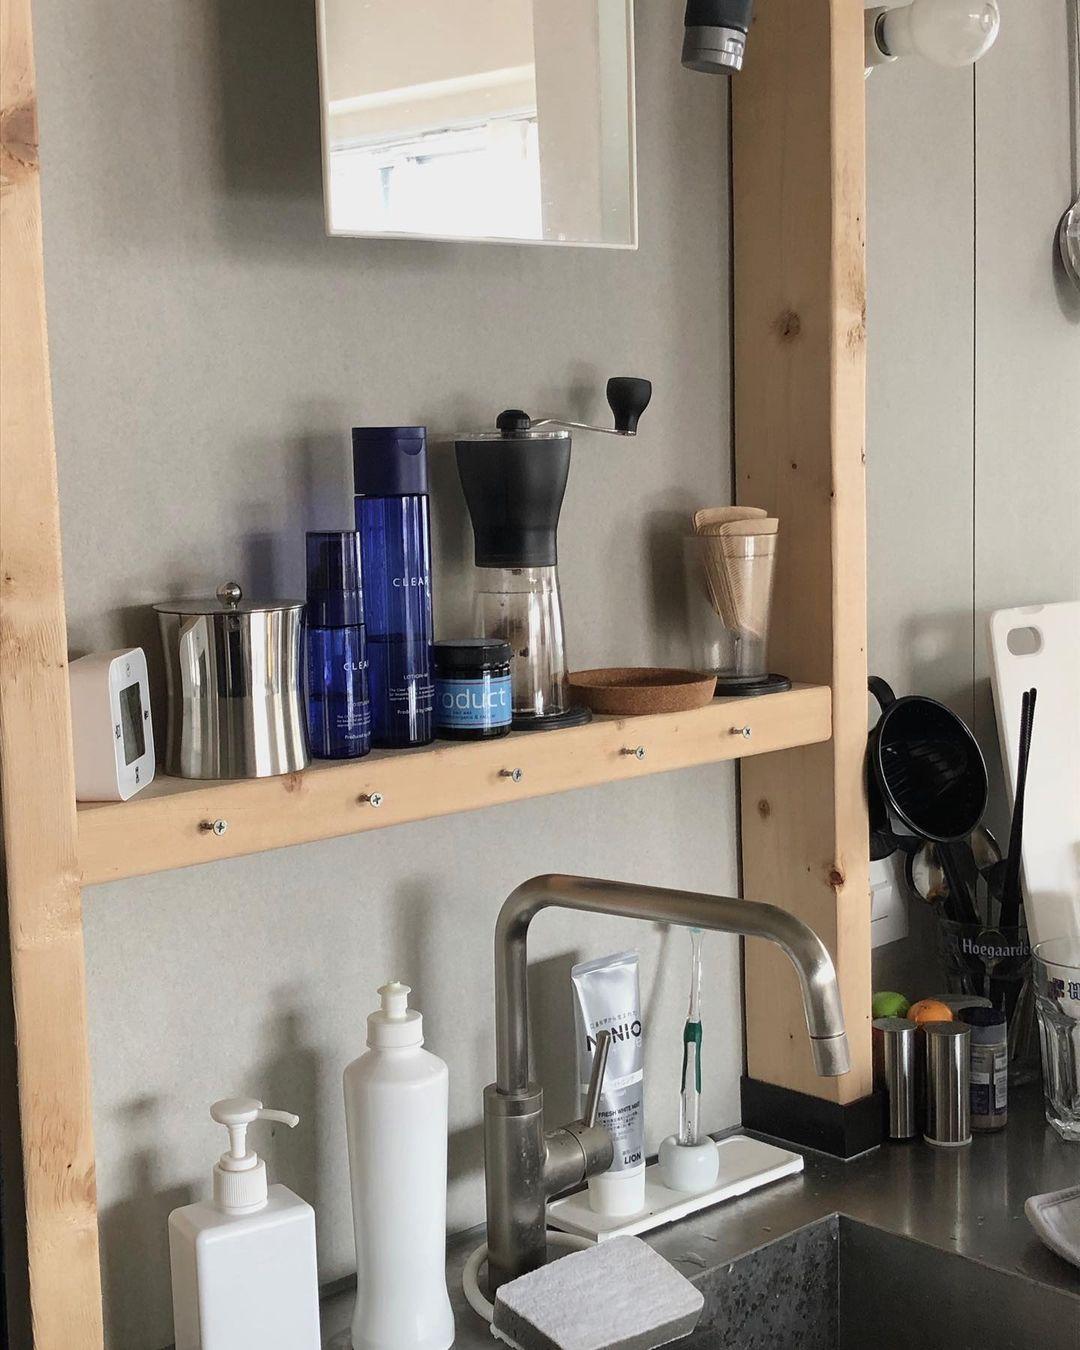 洗面台も兼ねているため、足りない収納や鏡の置き場所はラブリコパーツと2×4材で自作。